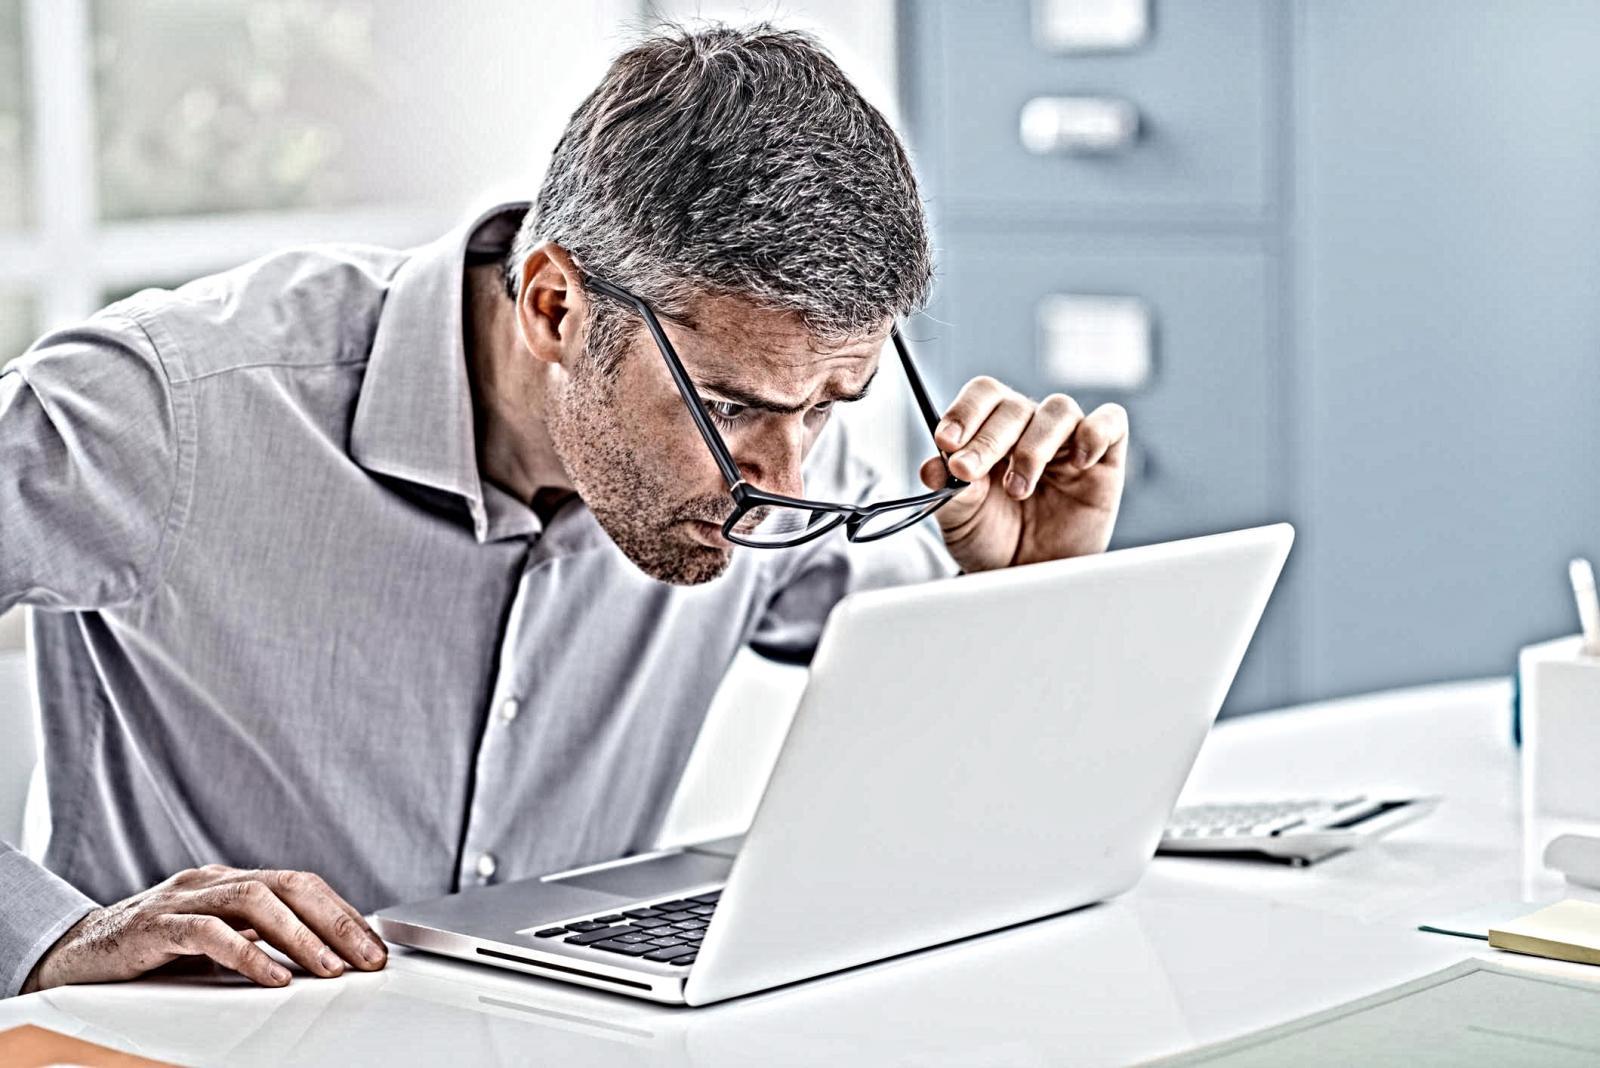 L Ho Letto.L Ho Letto Su Internet L Attendibilita Delle Notizie Nell